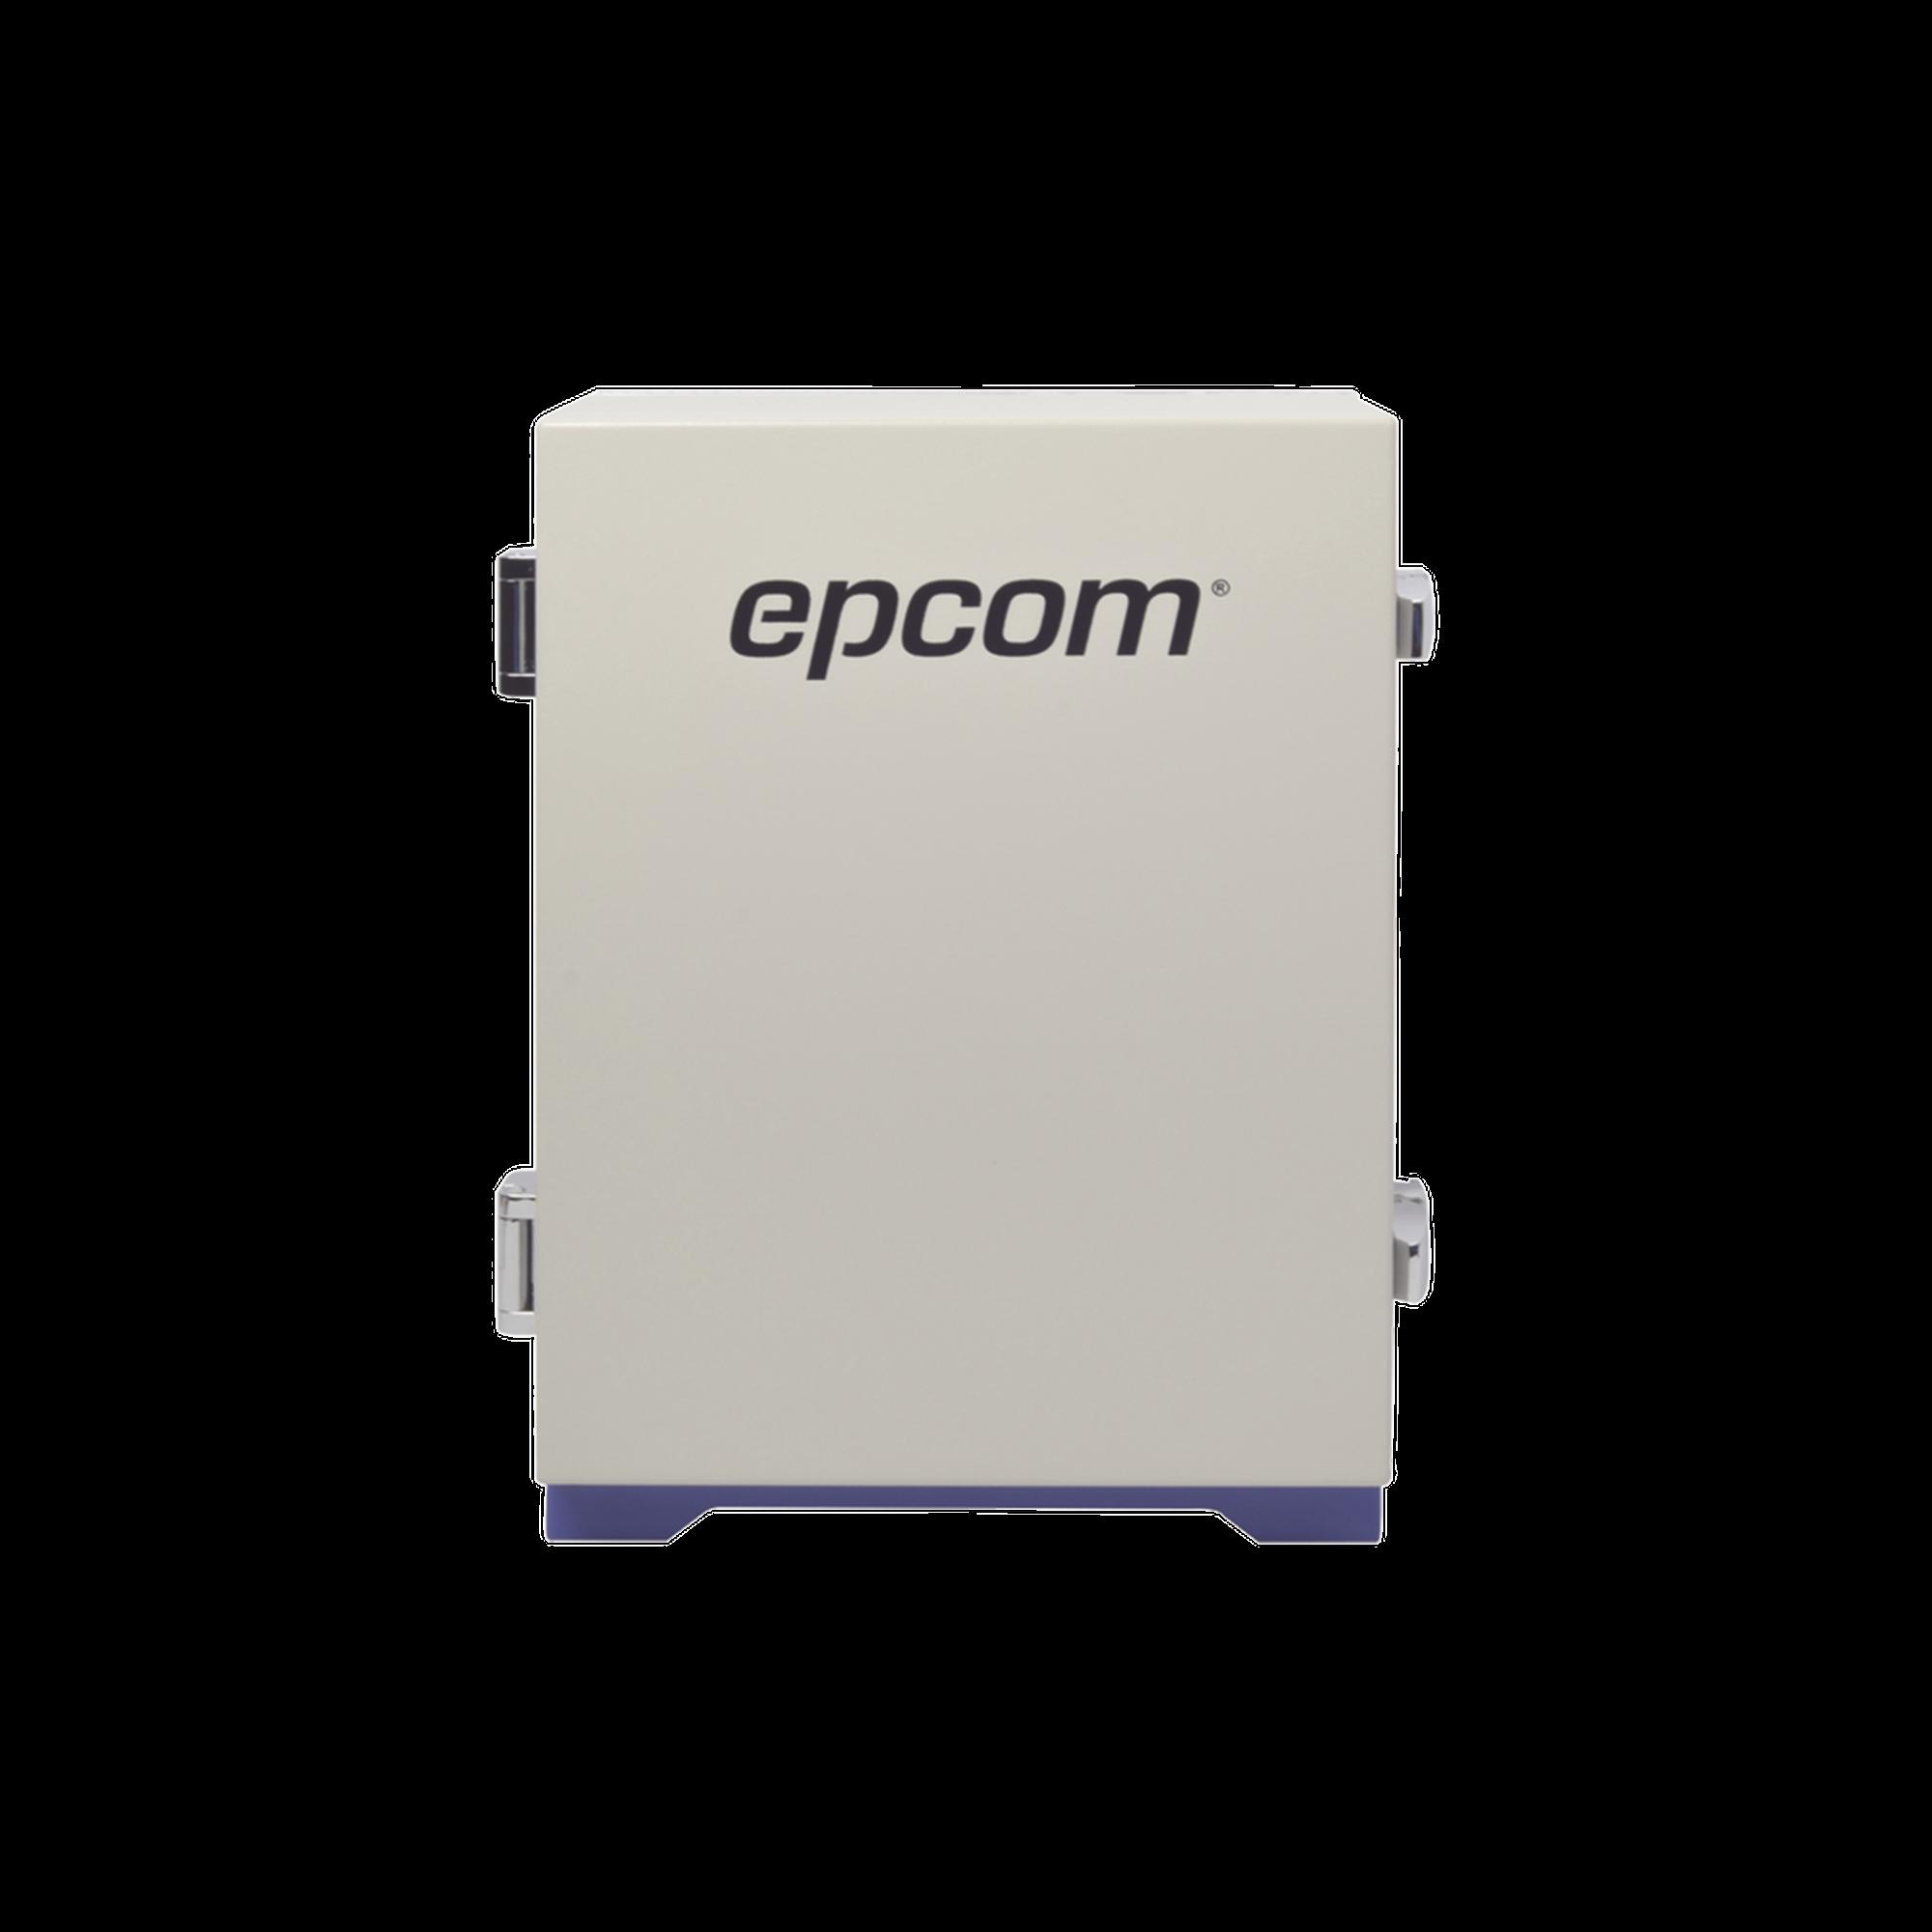 Amplificador para ampliar cobertura Celular en Exterior | 1900 MHz, Banda 2 | Soporta 2G y 3G, Mejora las llamadas, 85 dB de Ganancia, 5 Watt de potencia Máxima, hasta 2 km de cobertura.